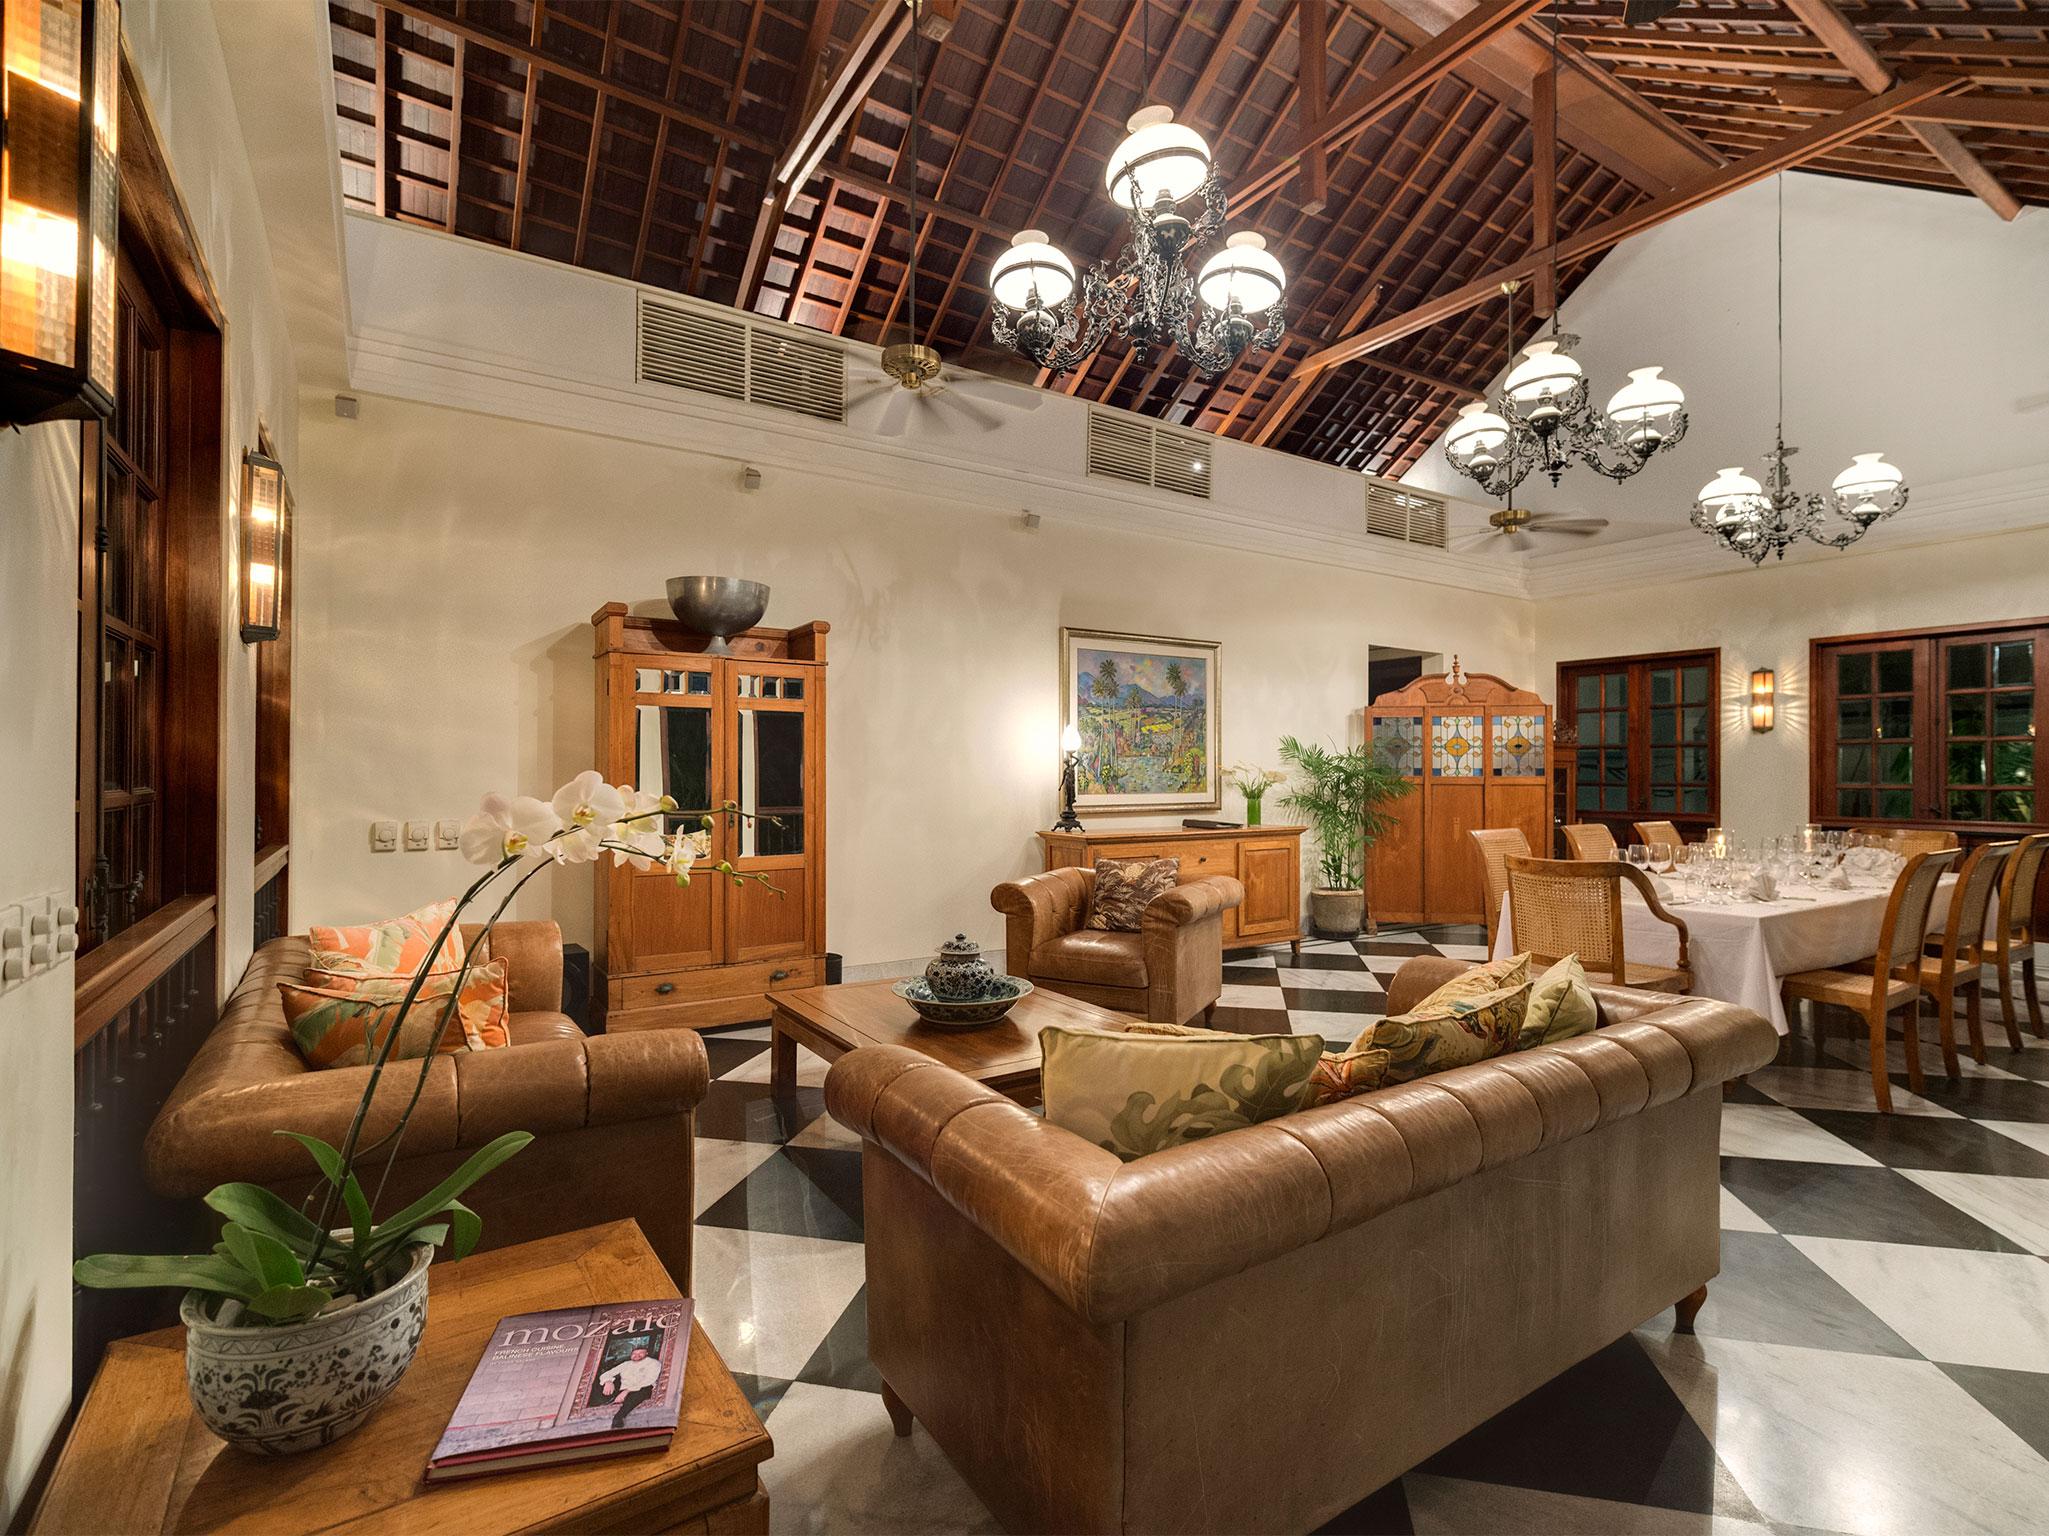 10-Villa Batavia - Living and dining area.jpg